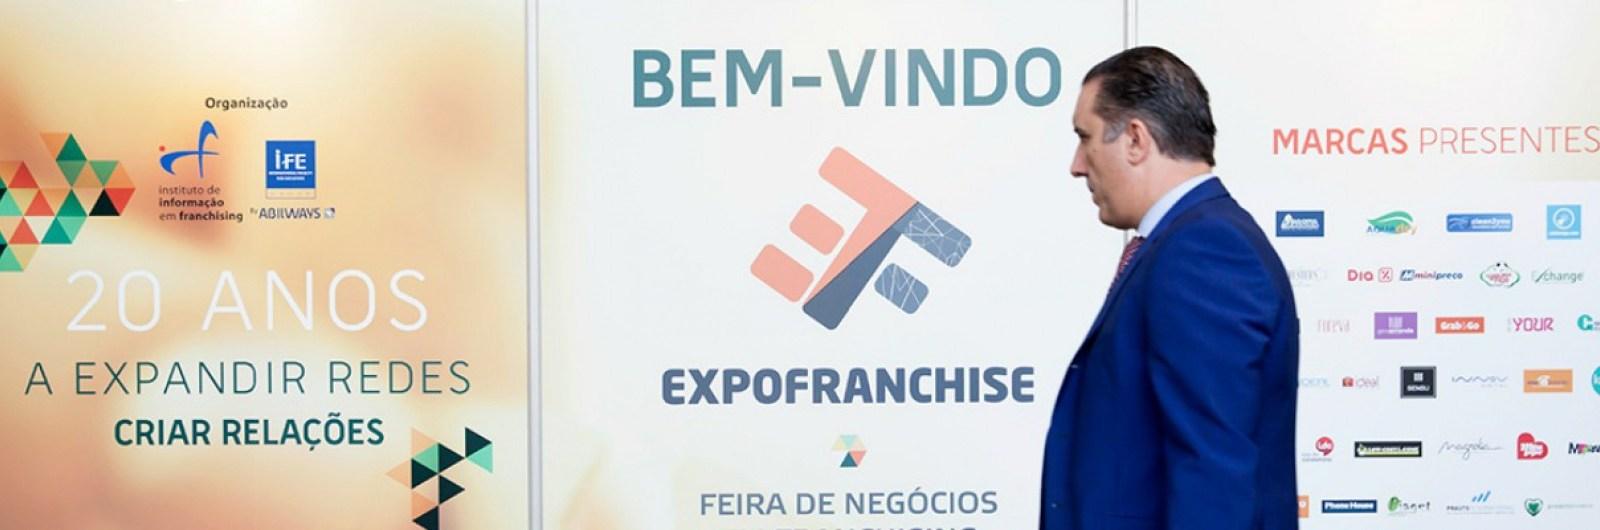 Maior feira de franchising do país com grande adesão das marcas do setor